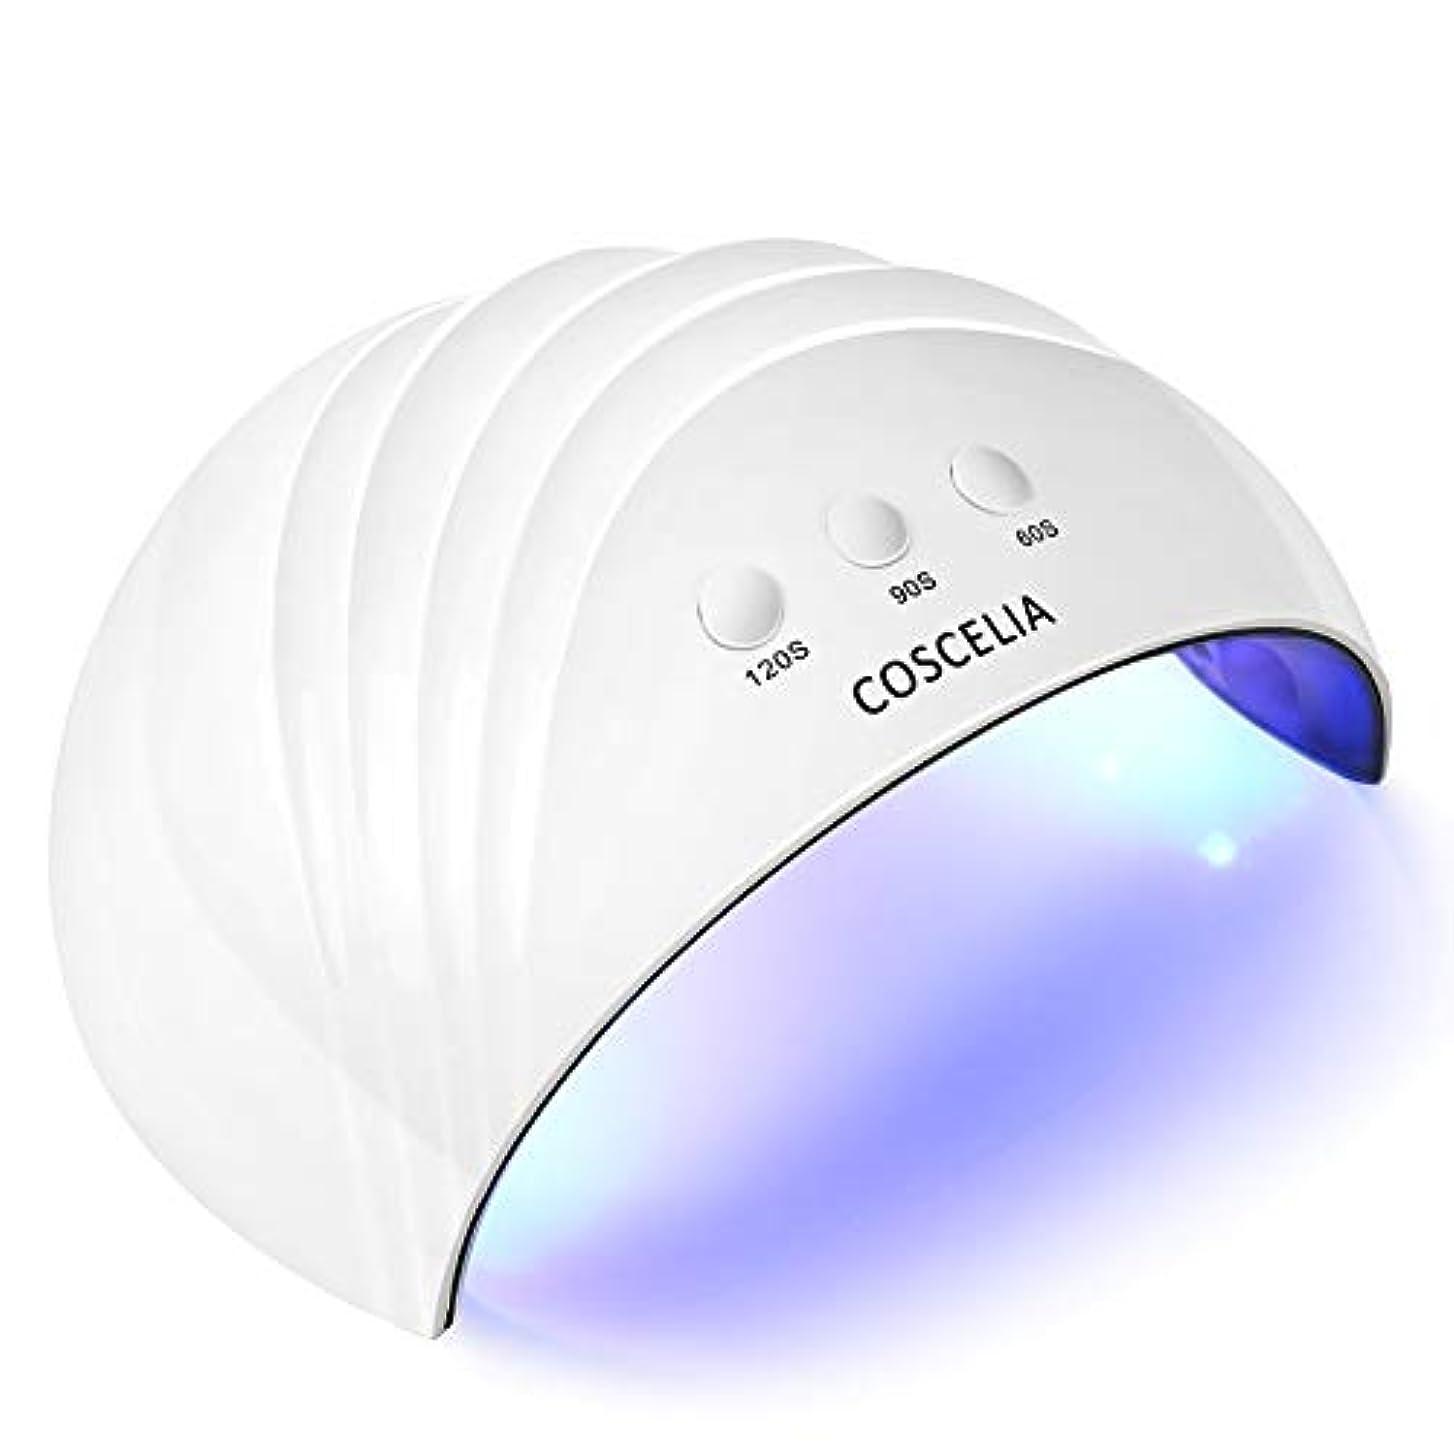 クレアアンカー地図24W ホワイト ネイルライト 硬化用UV/LEDライト ネイルドライヤー ネイル道具・ケアツール 硬化用ライト マニキュア ネイルアートツール